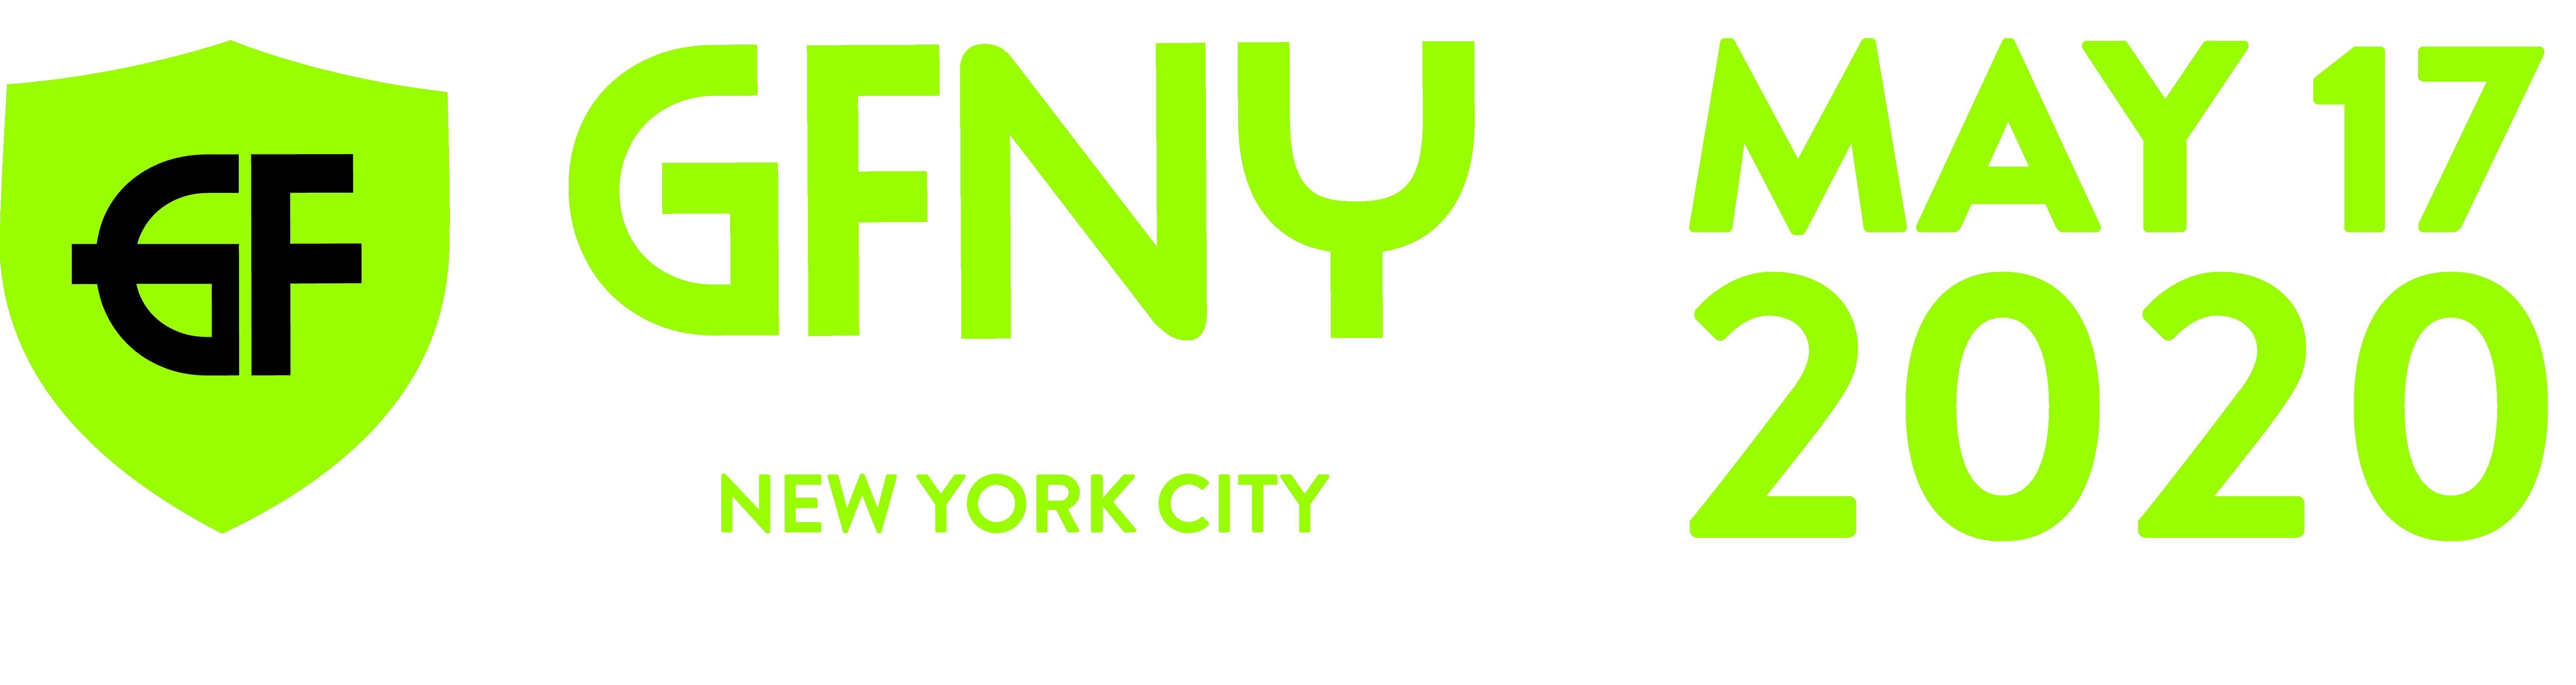 GFNY NYC Web header 2020 2